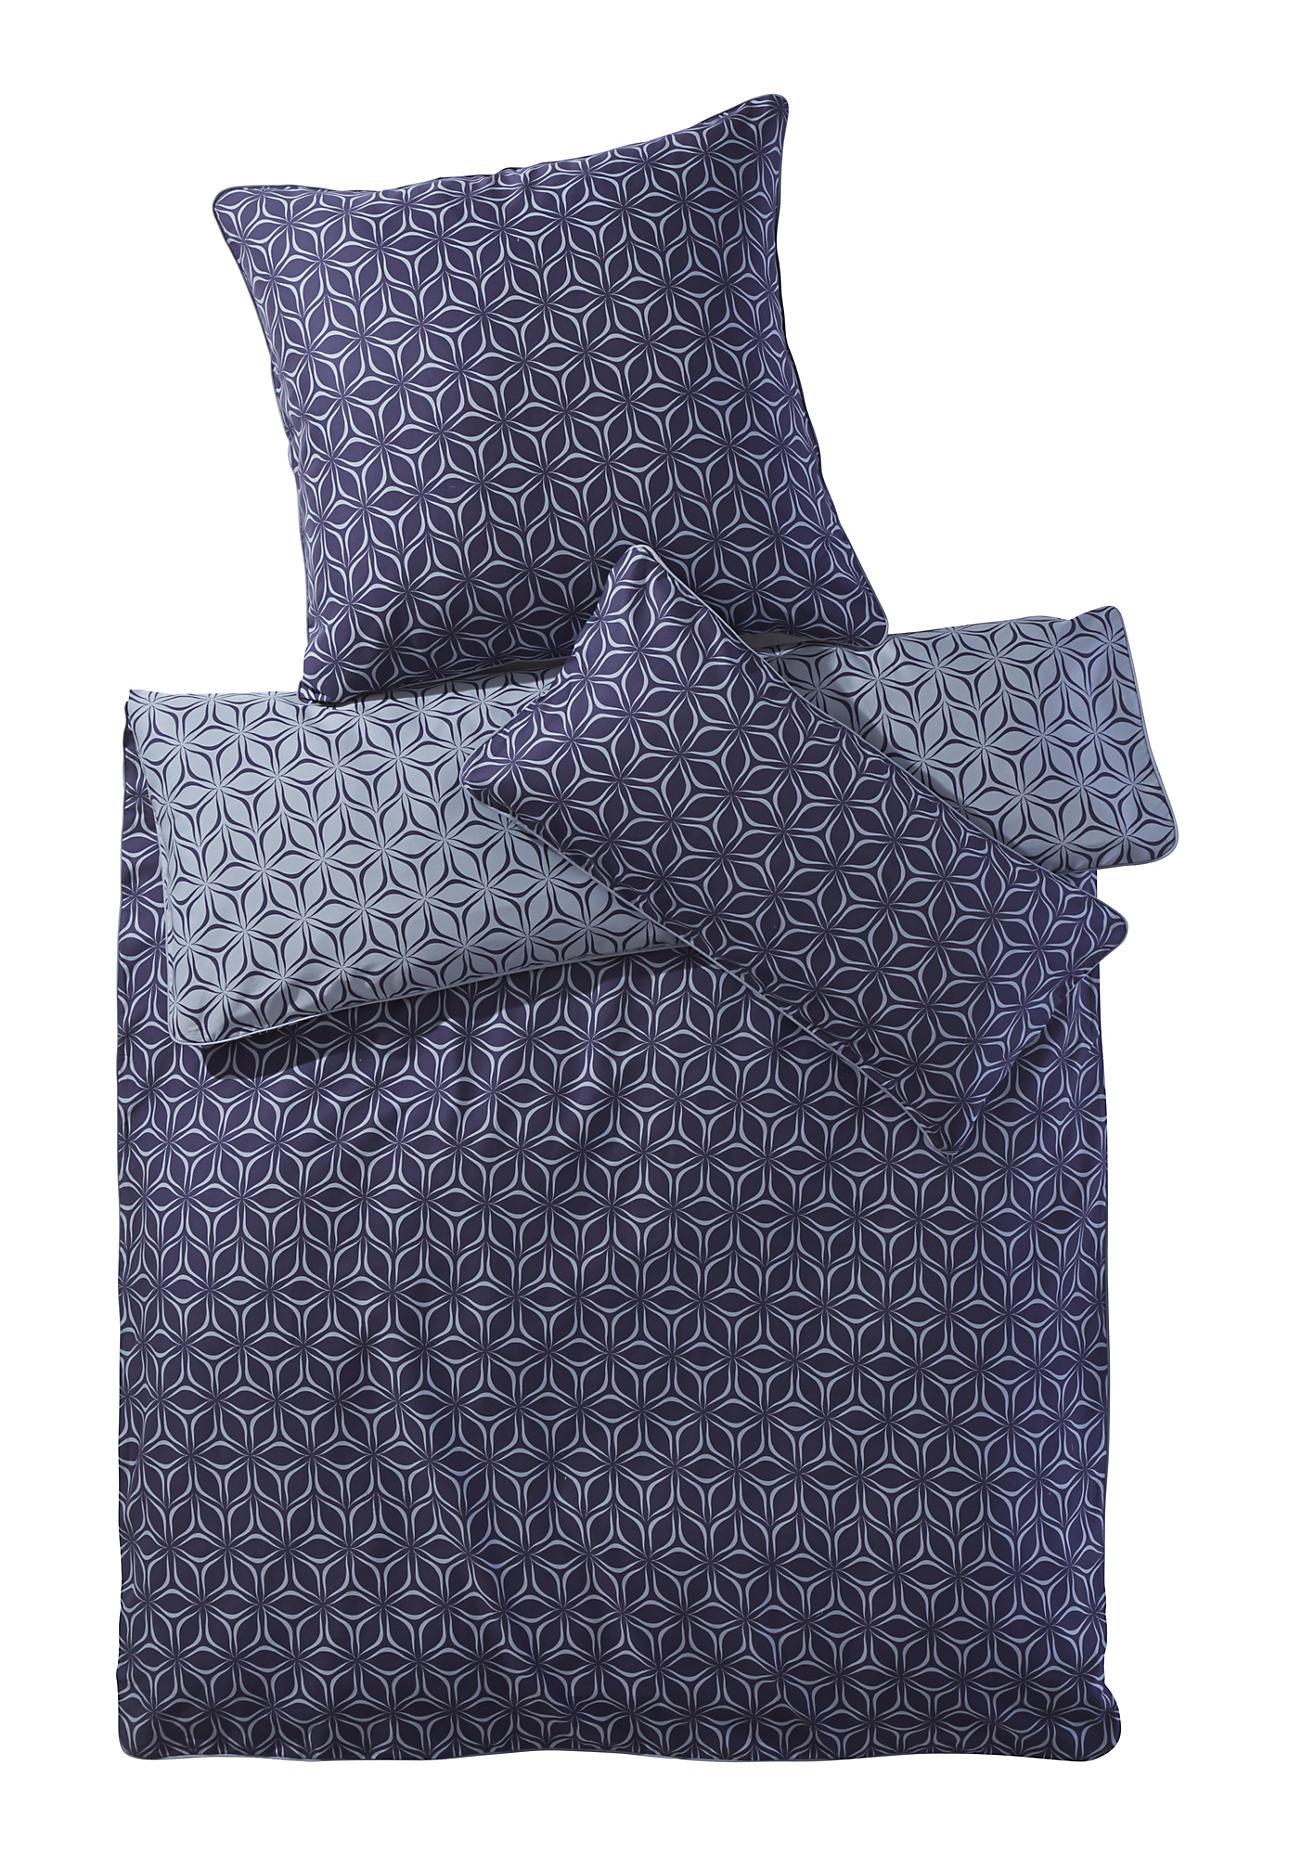 Chinablau Baumwolle Bettwäsche Garnituren Online Kaufen Möbel